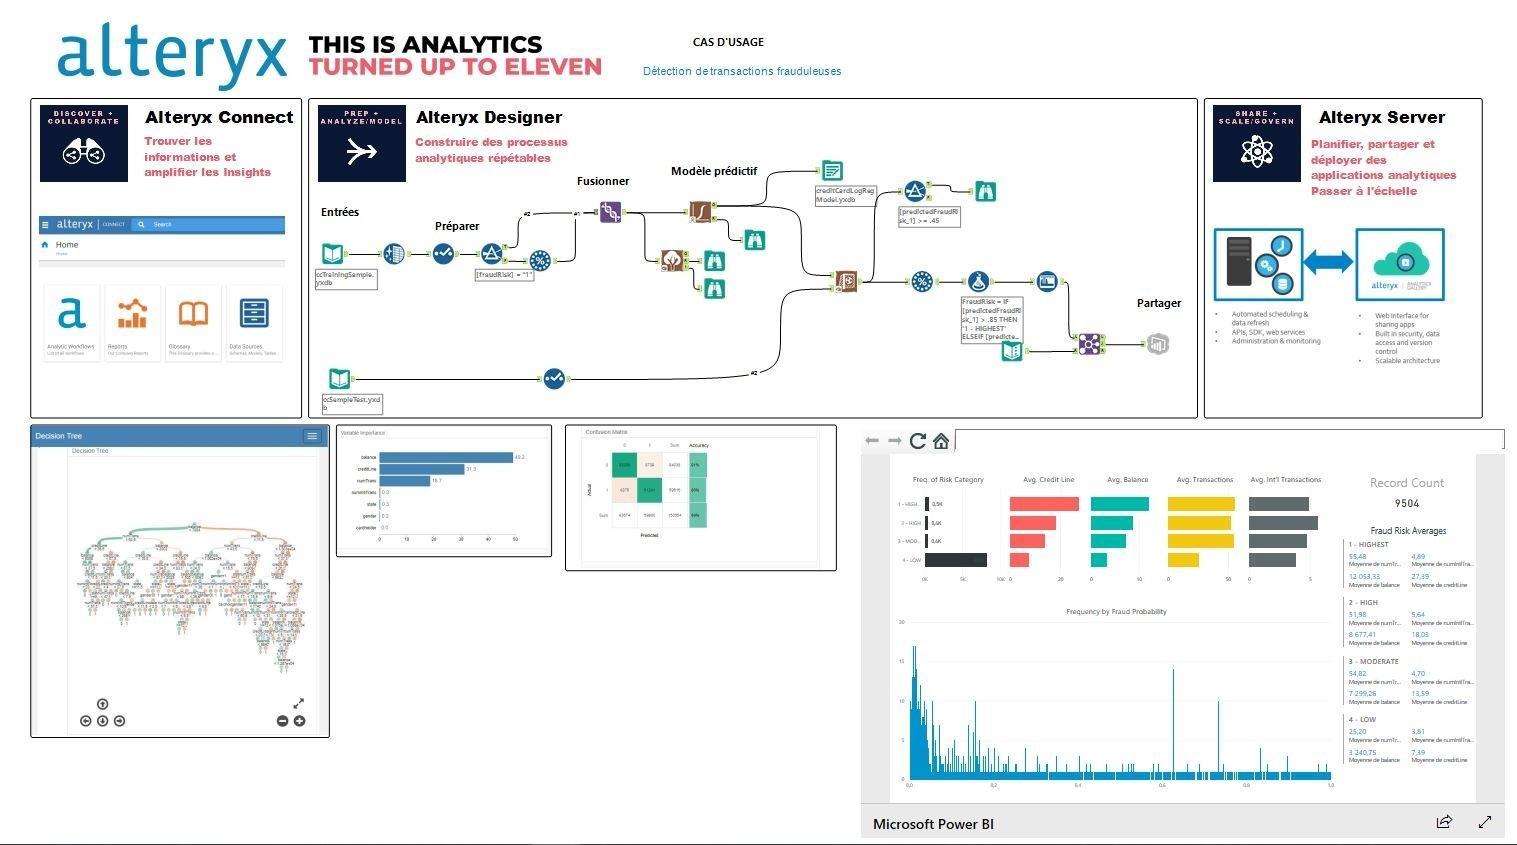 Analyses de données: Détection des fraudes